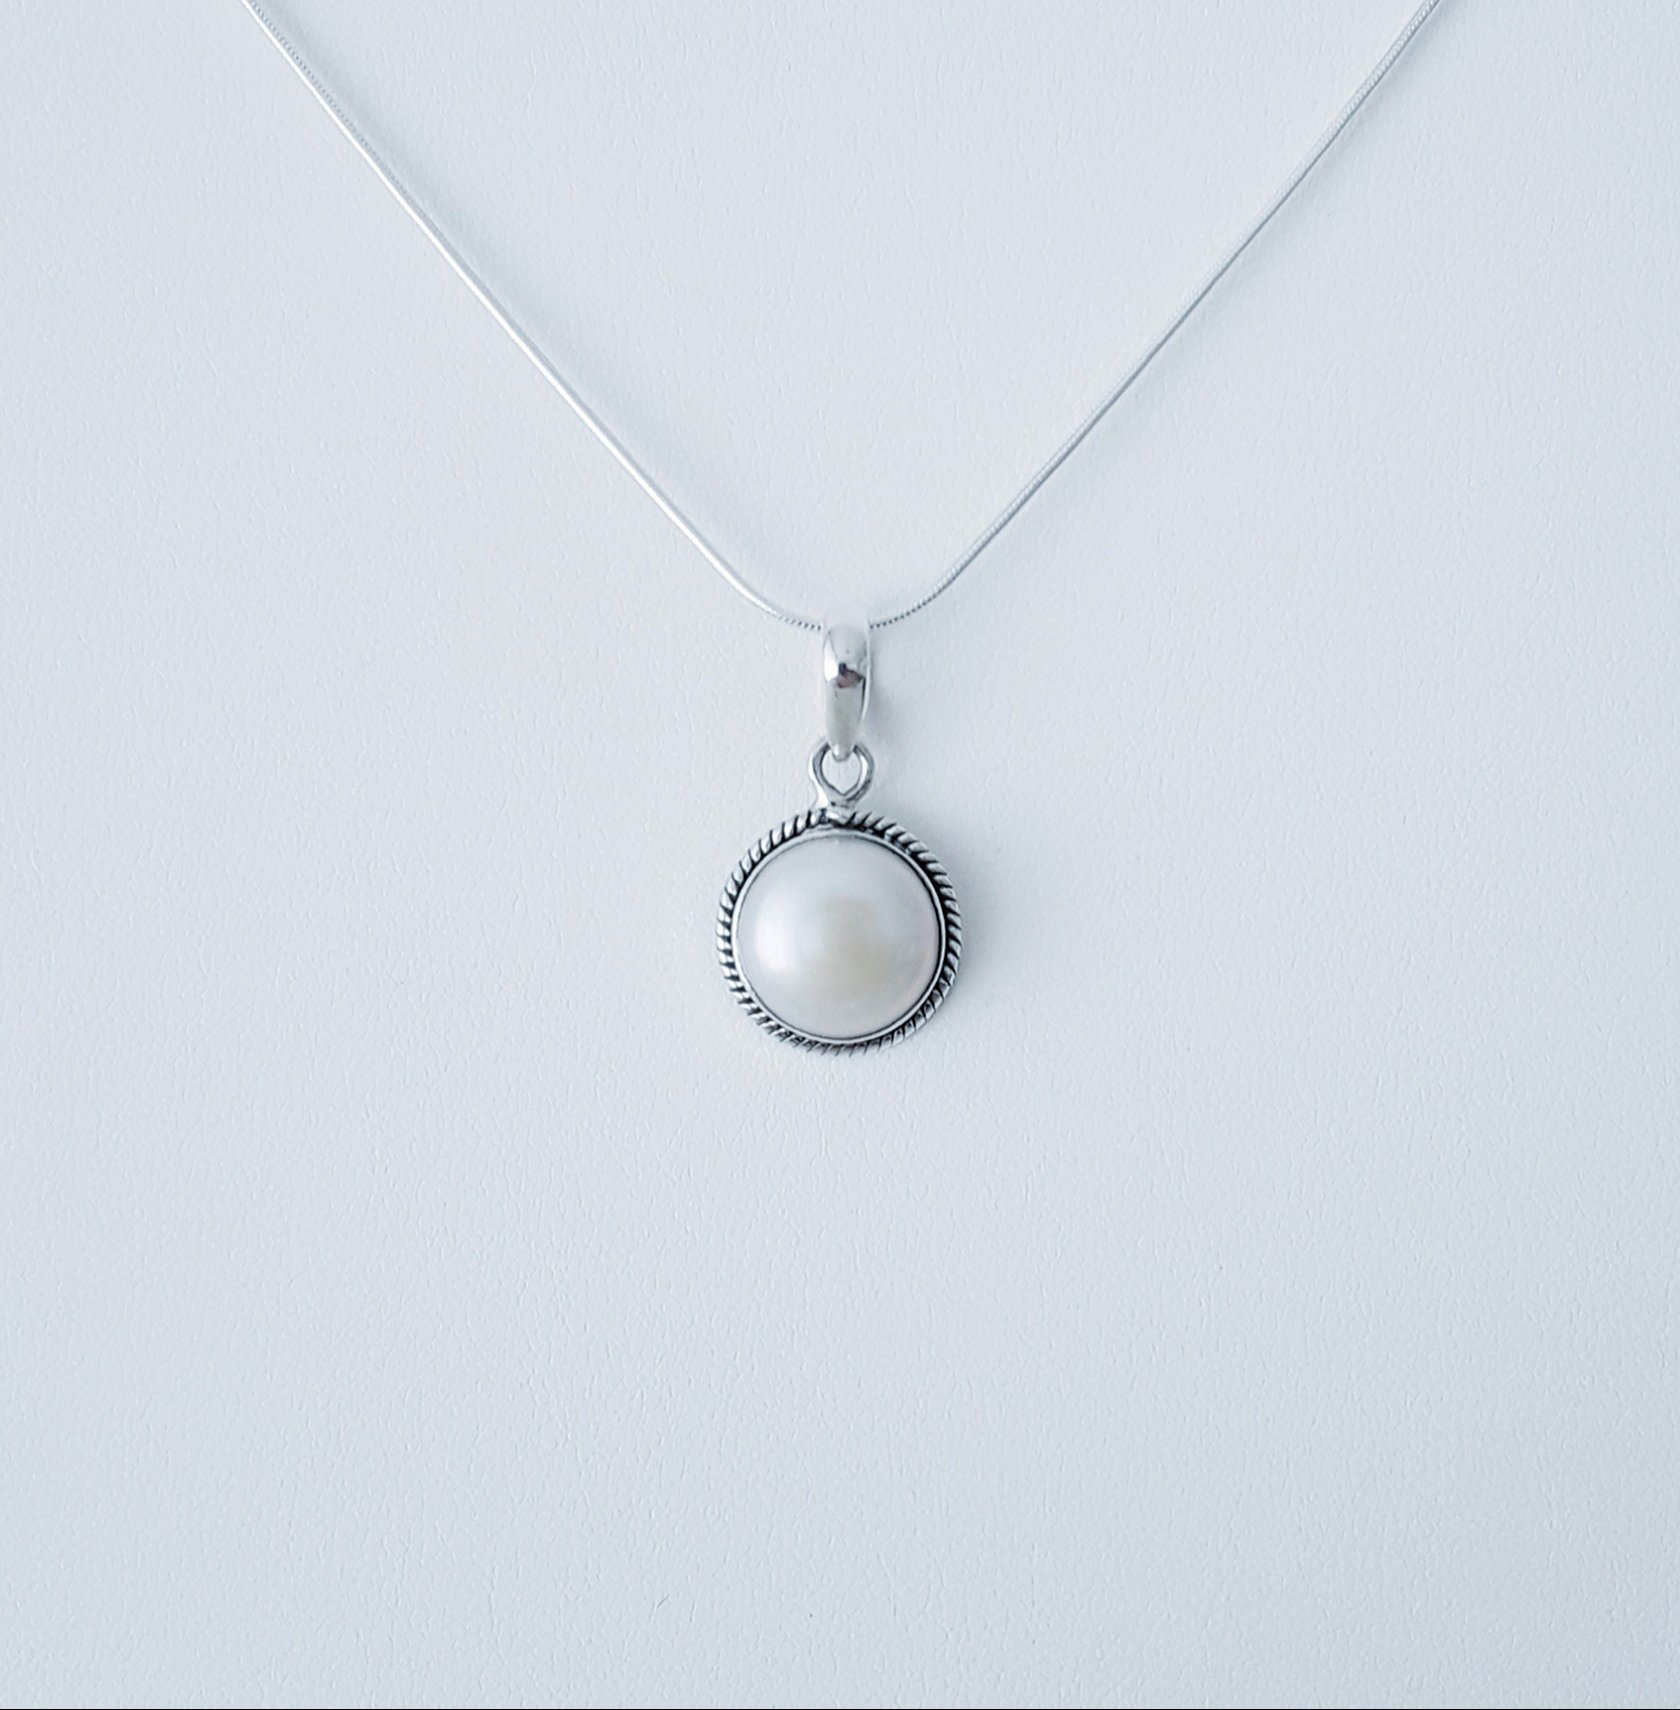 Zilveren hanger met een parel